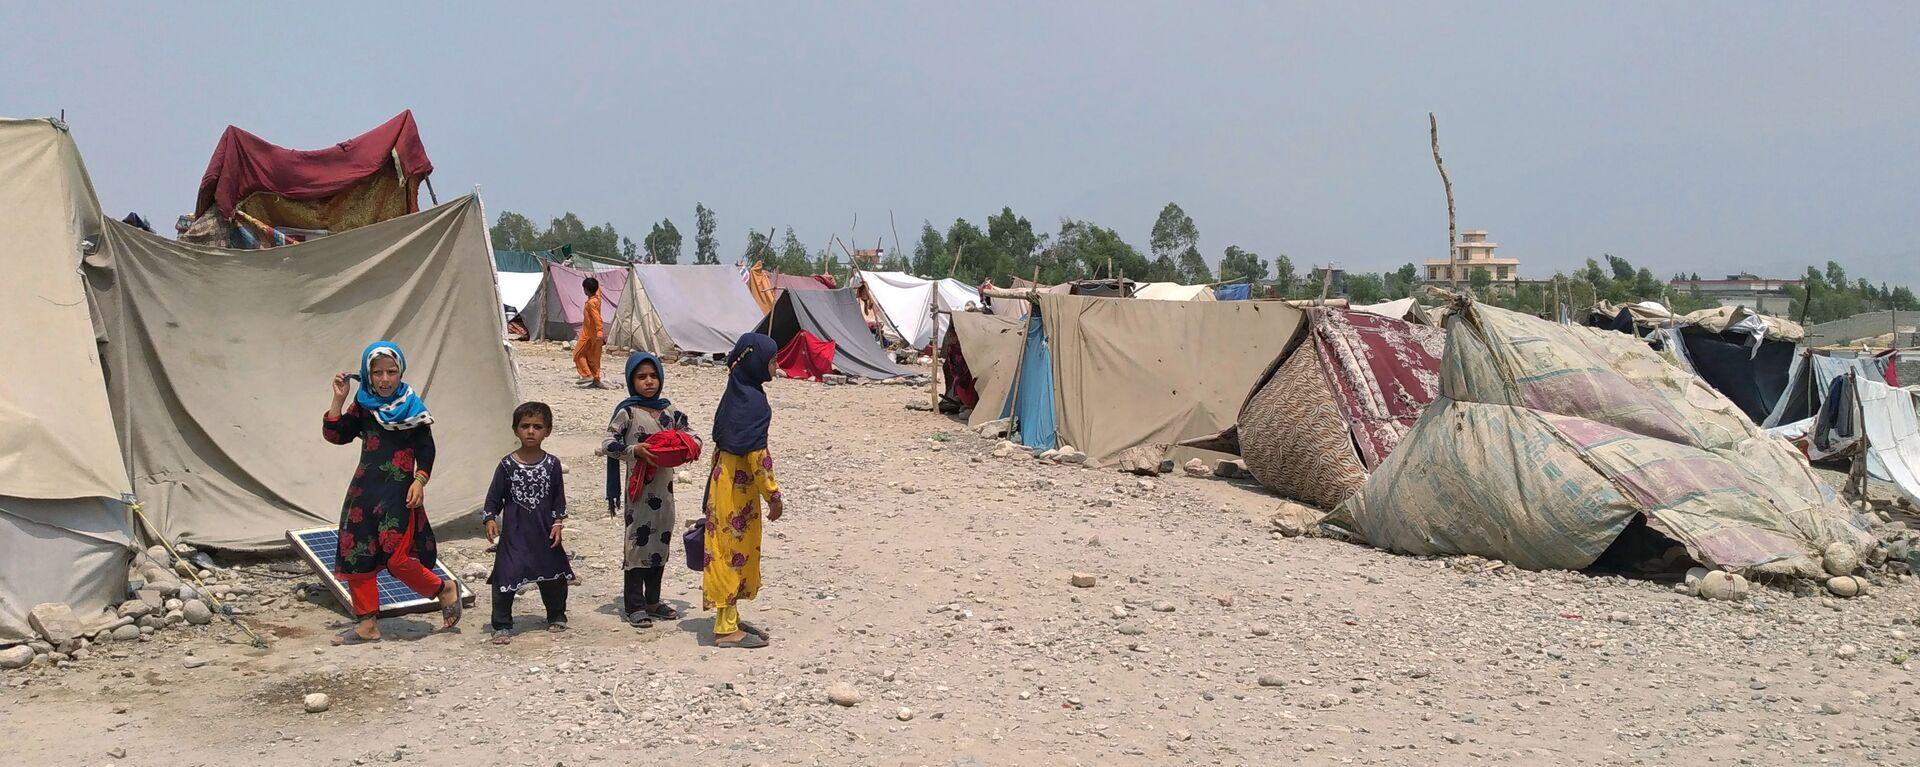 Rifugiati afghani - Sputnik Italia, 1920, 29.07.2021